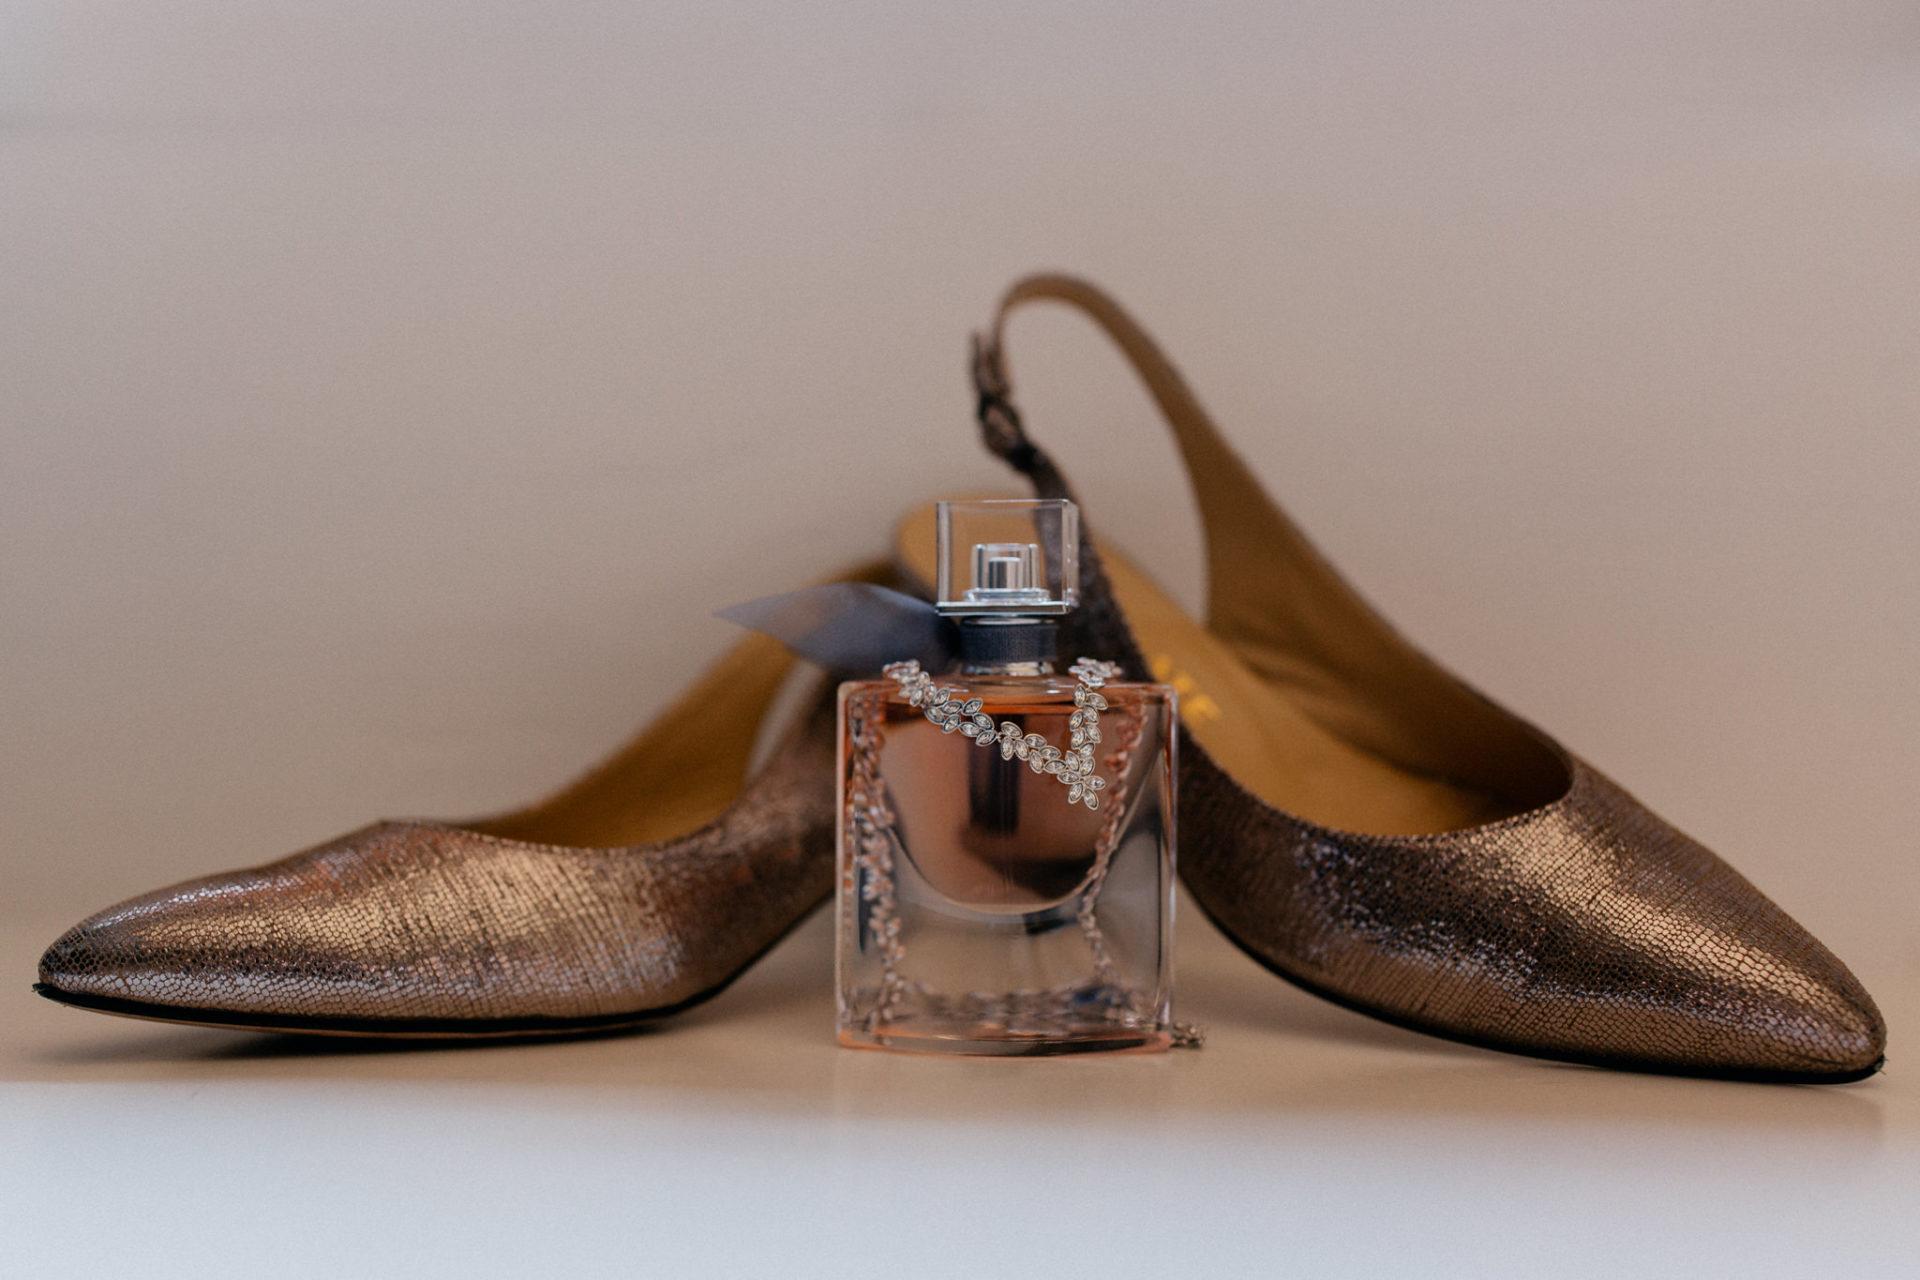 Weingut Fitz Ritter Hochzeitsfotograf-heiraten Pfalz-Sommerhochzeit Schuhe Parfum Details